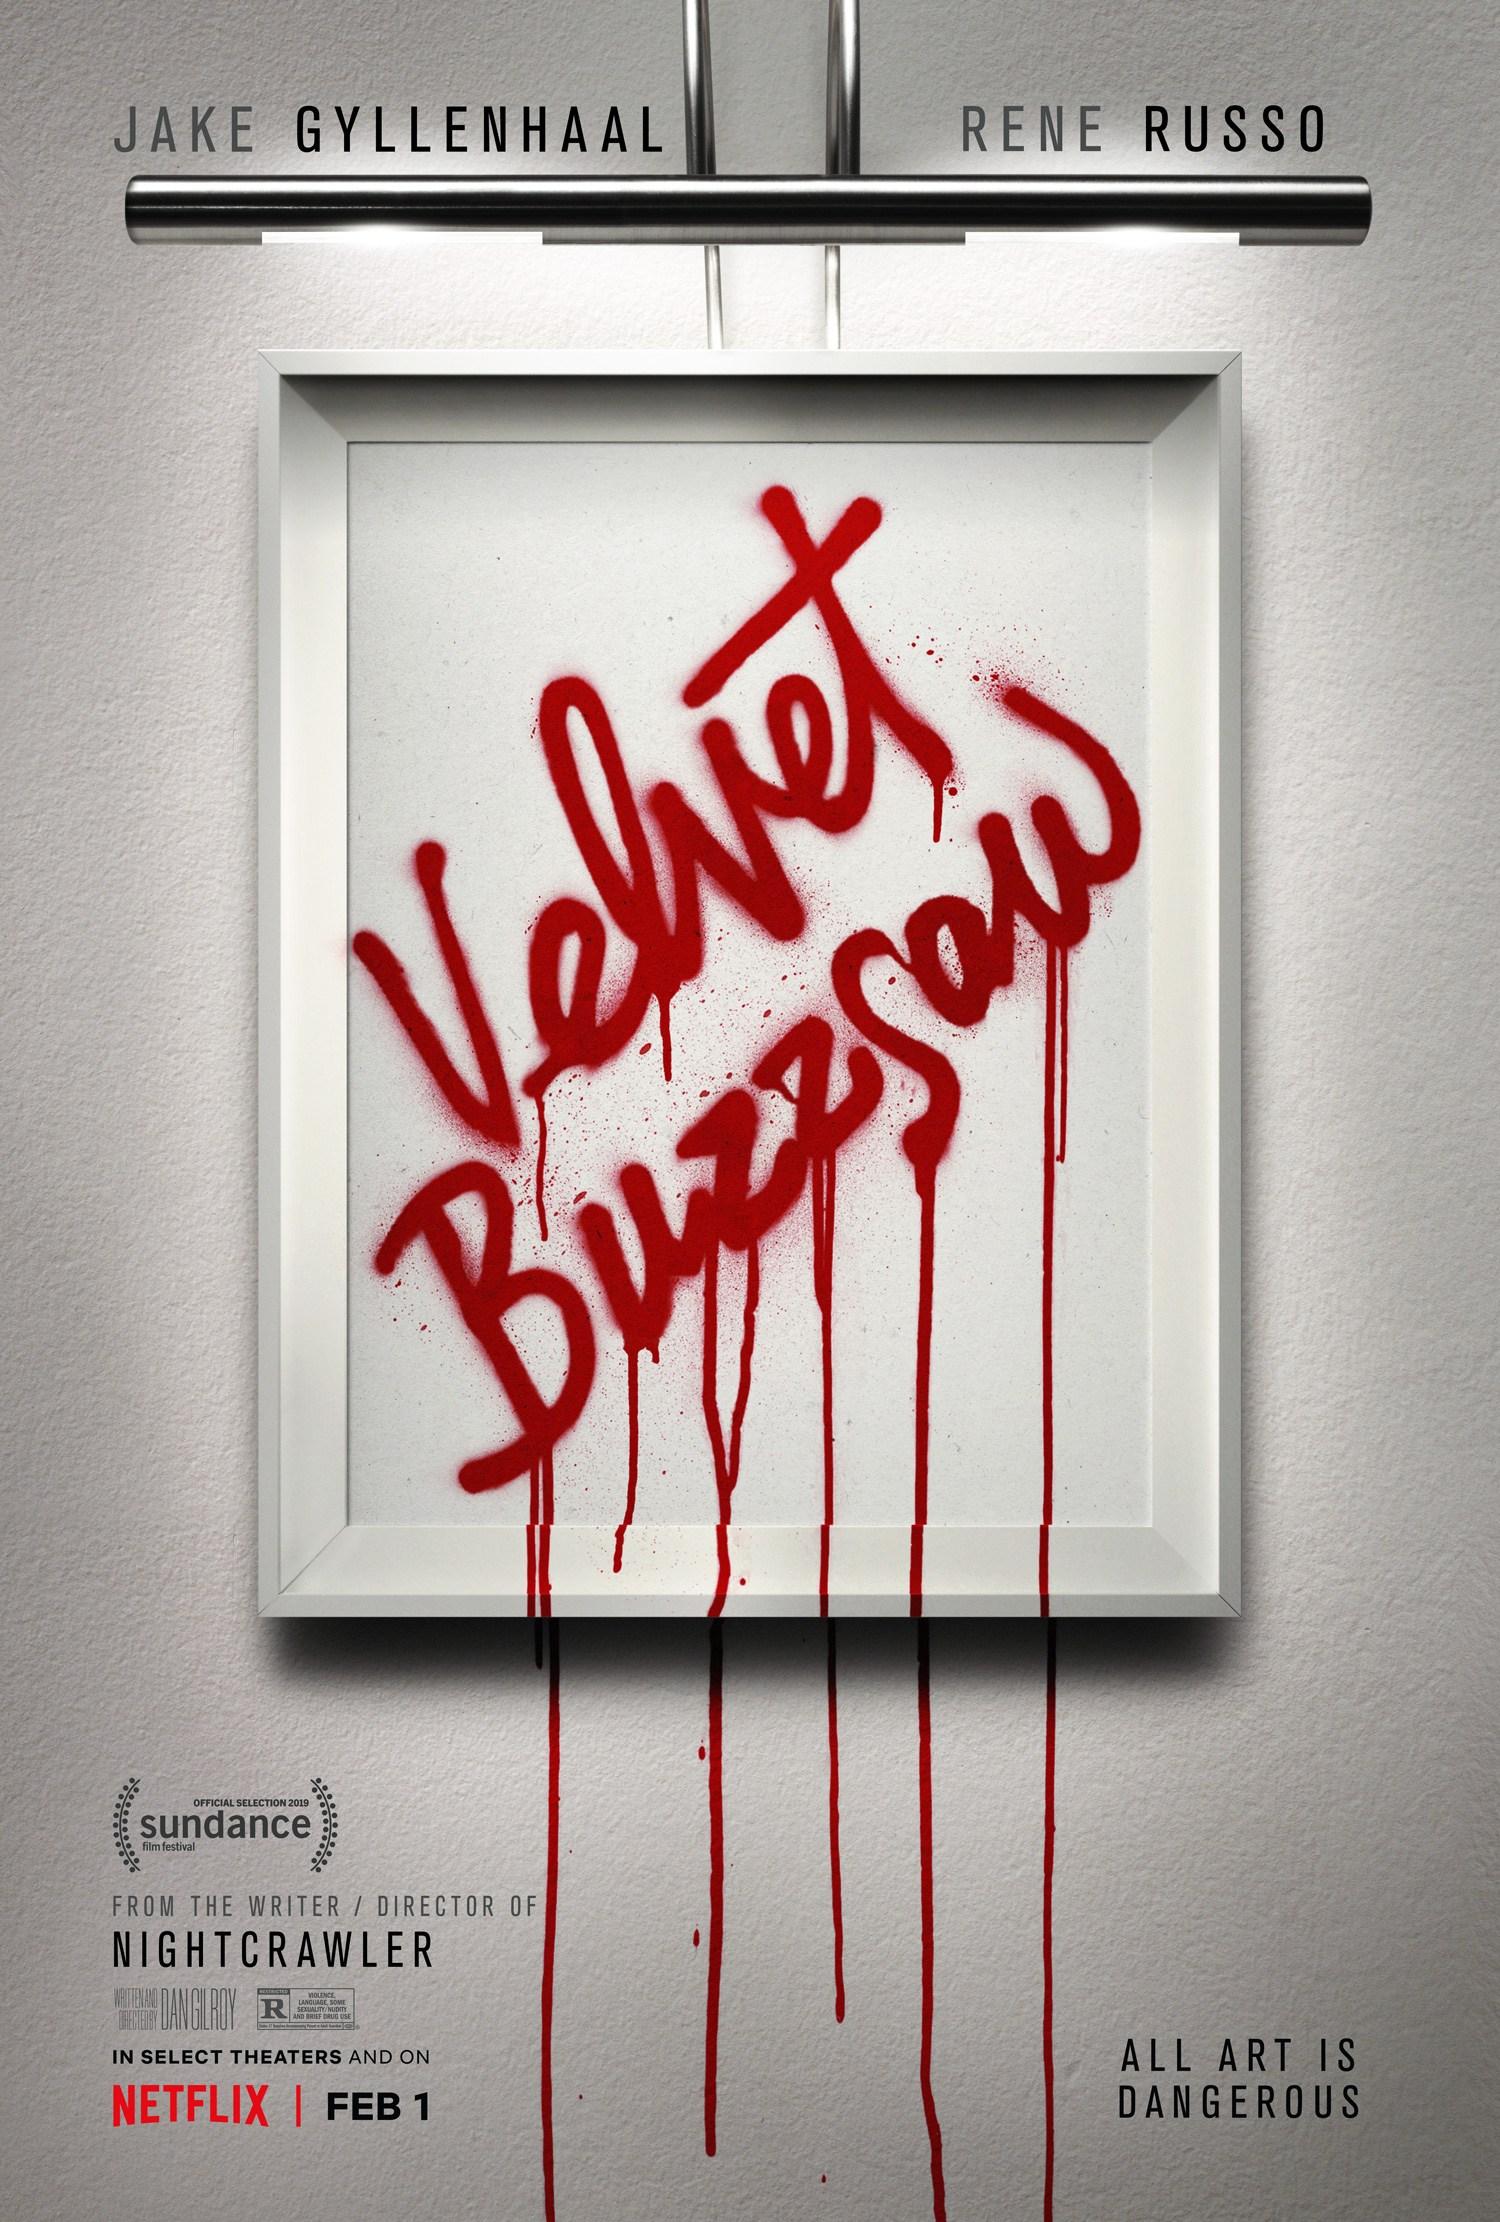 Velvet Buzzsaw  Velvet-buzzsaw-affiche-1053741